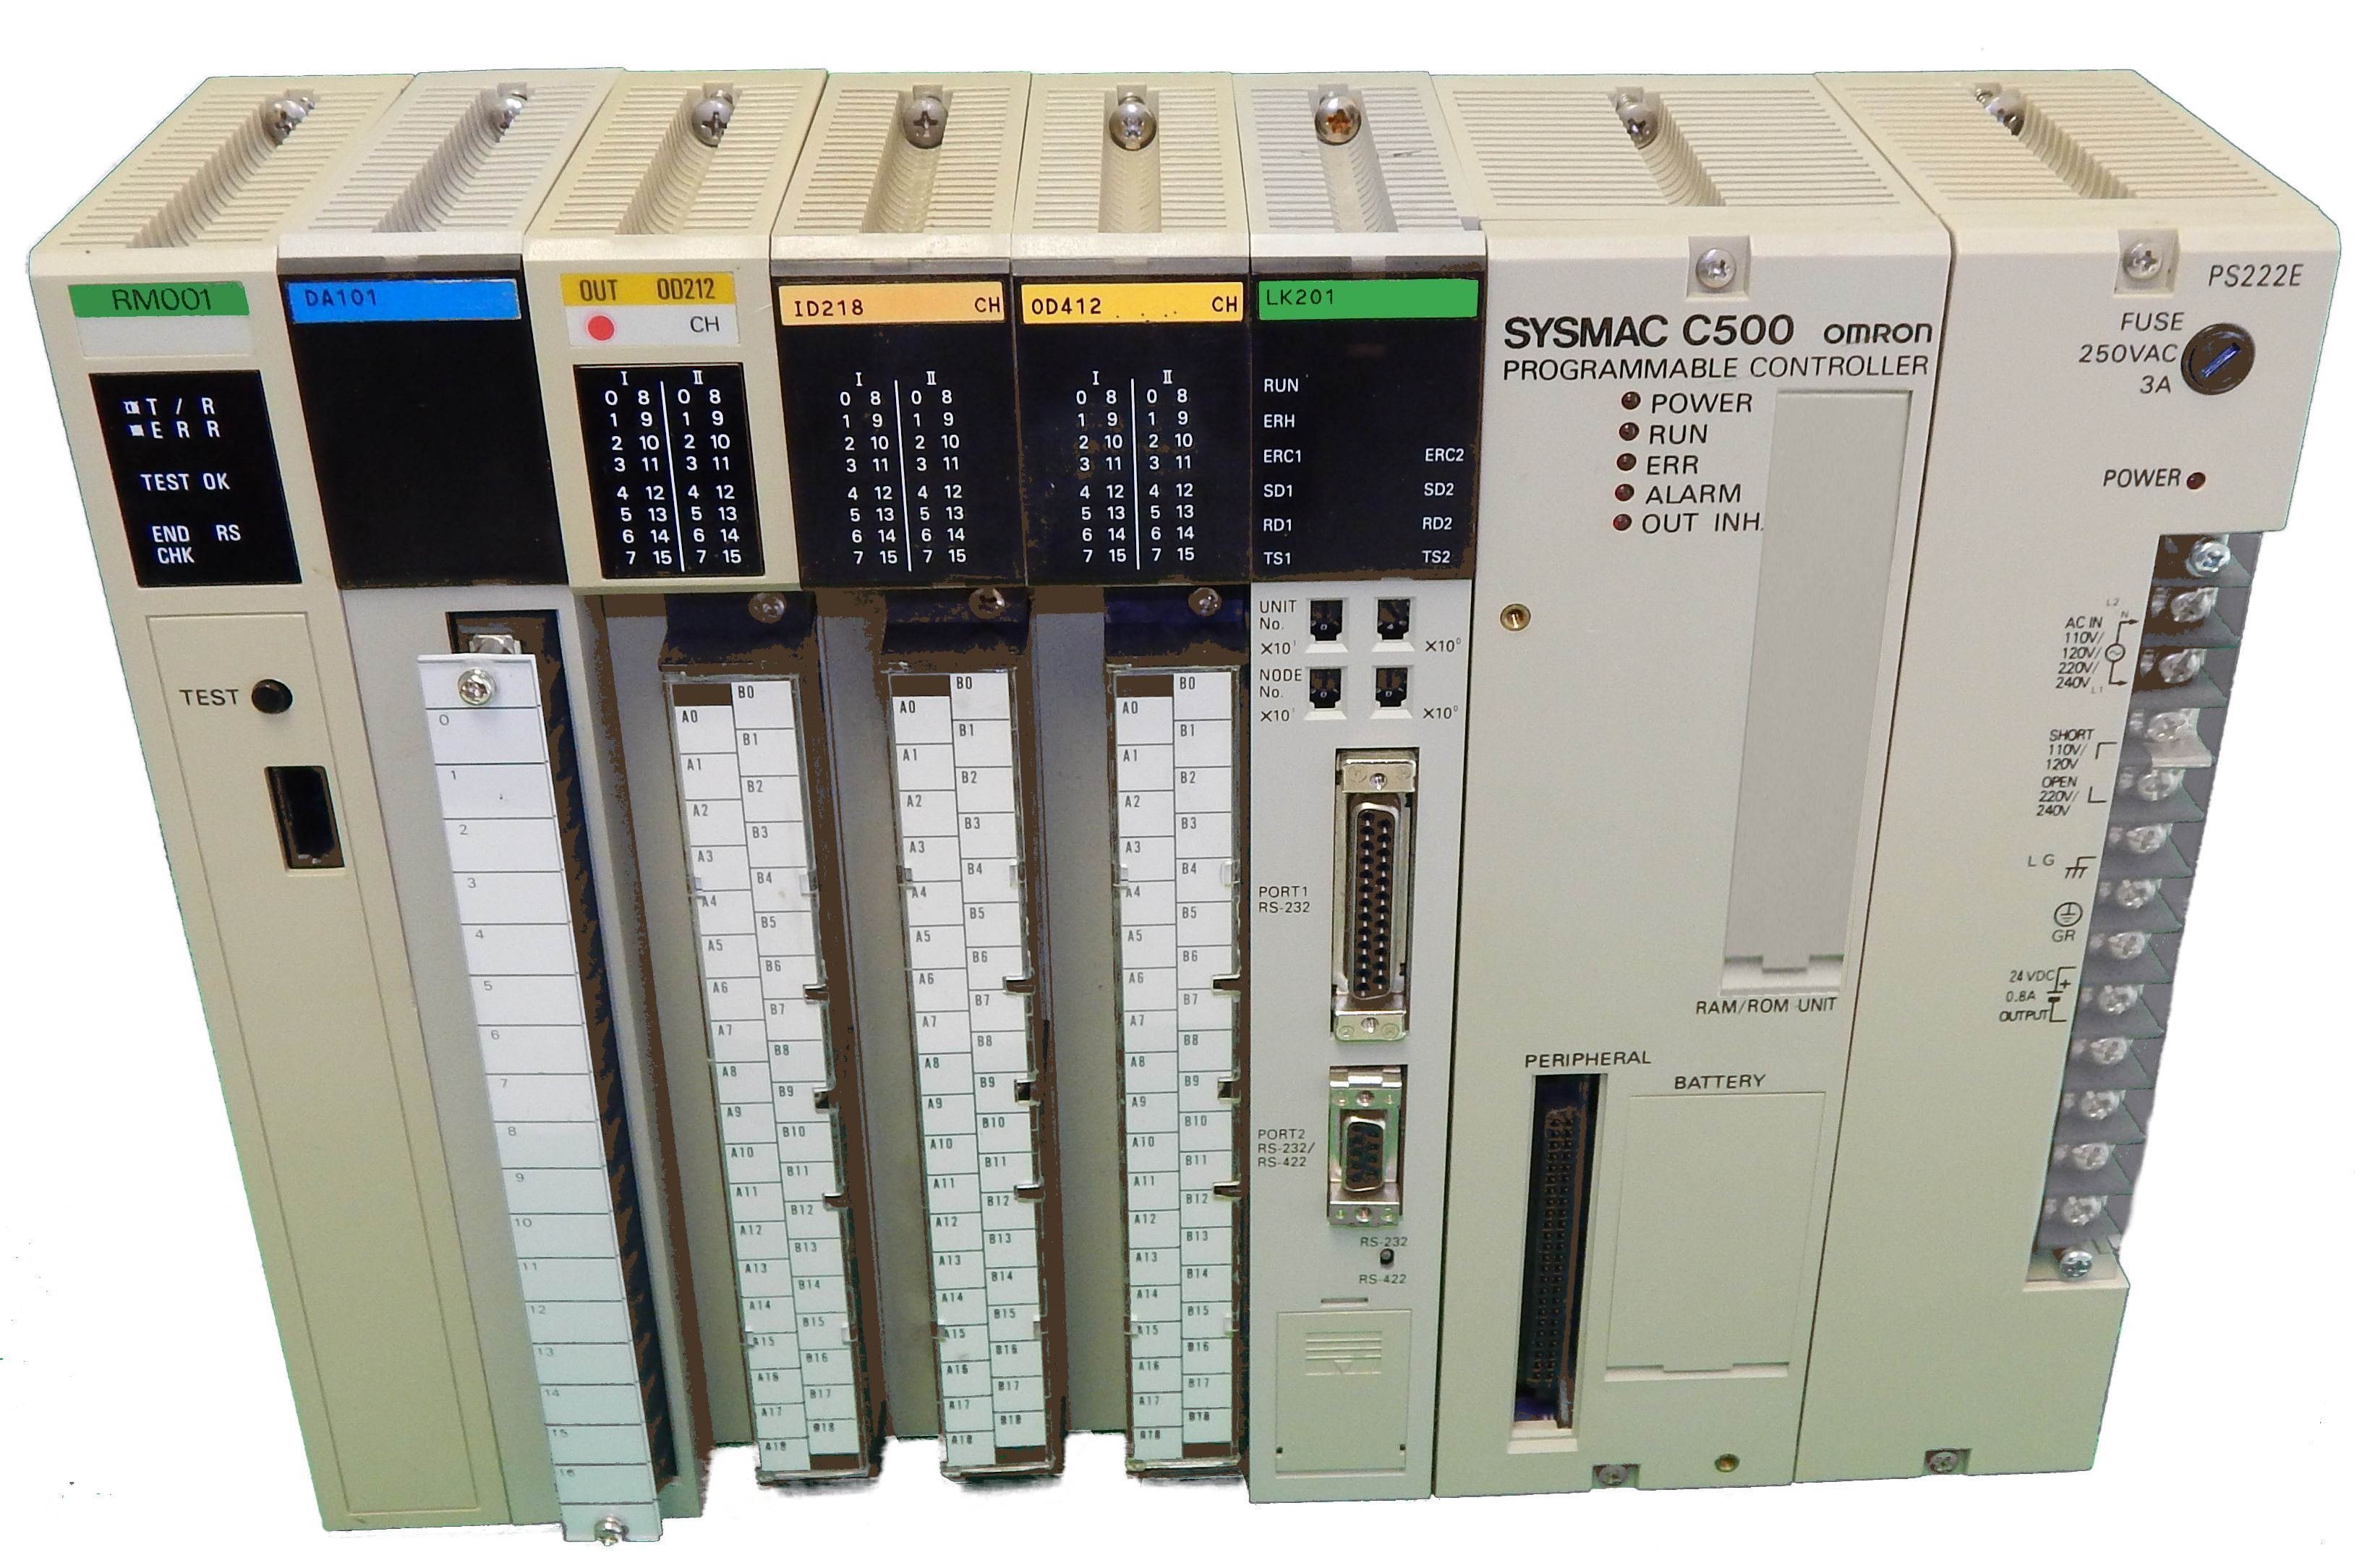 3G2A5-AD006